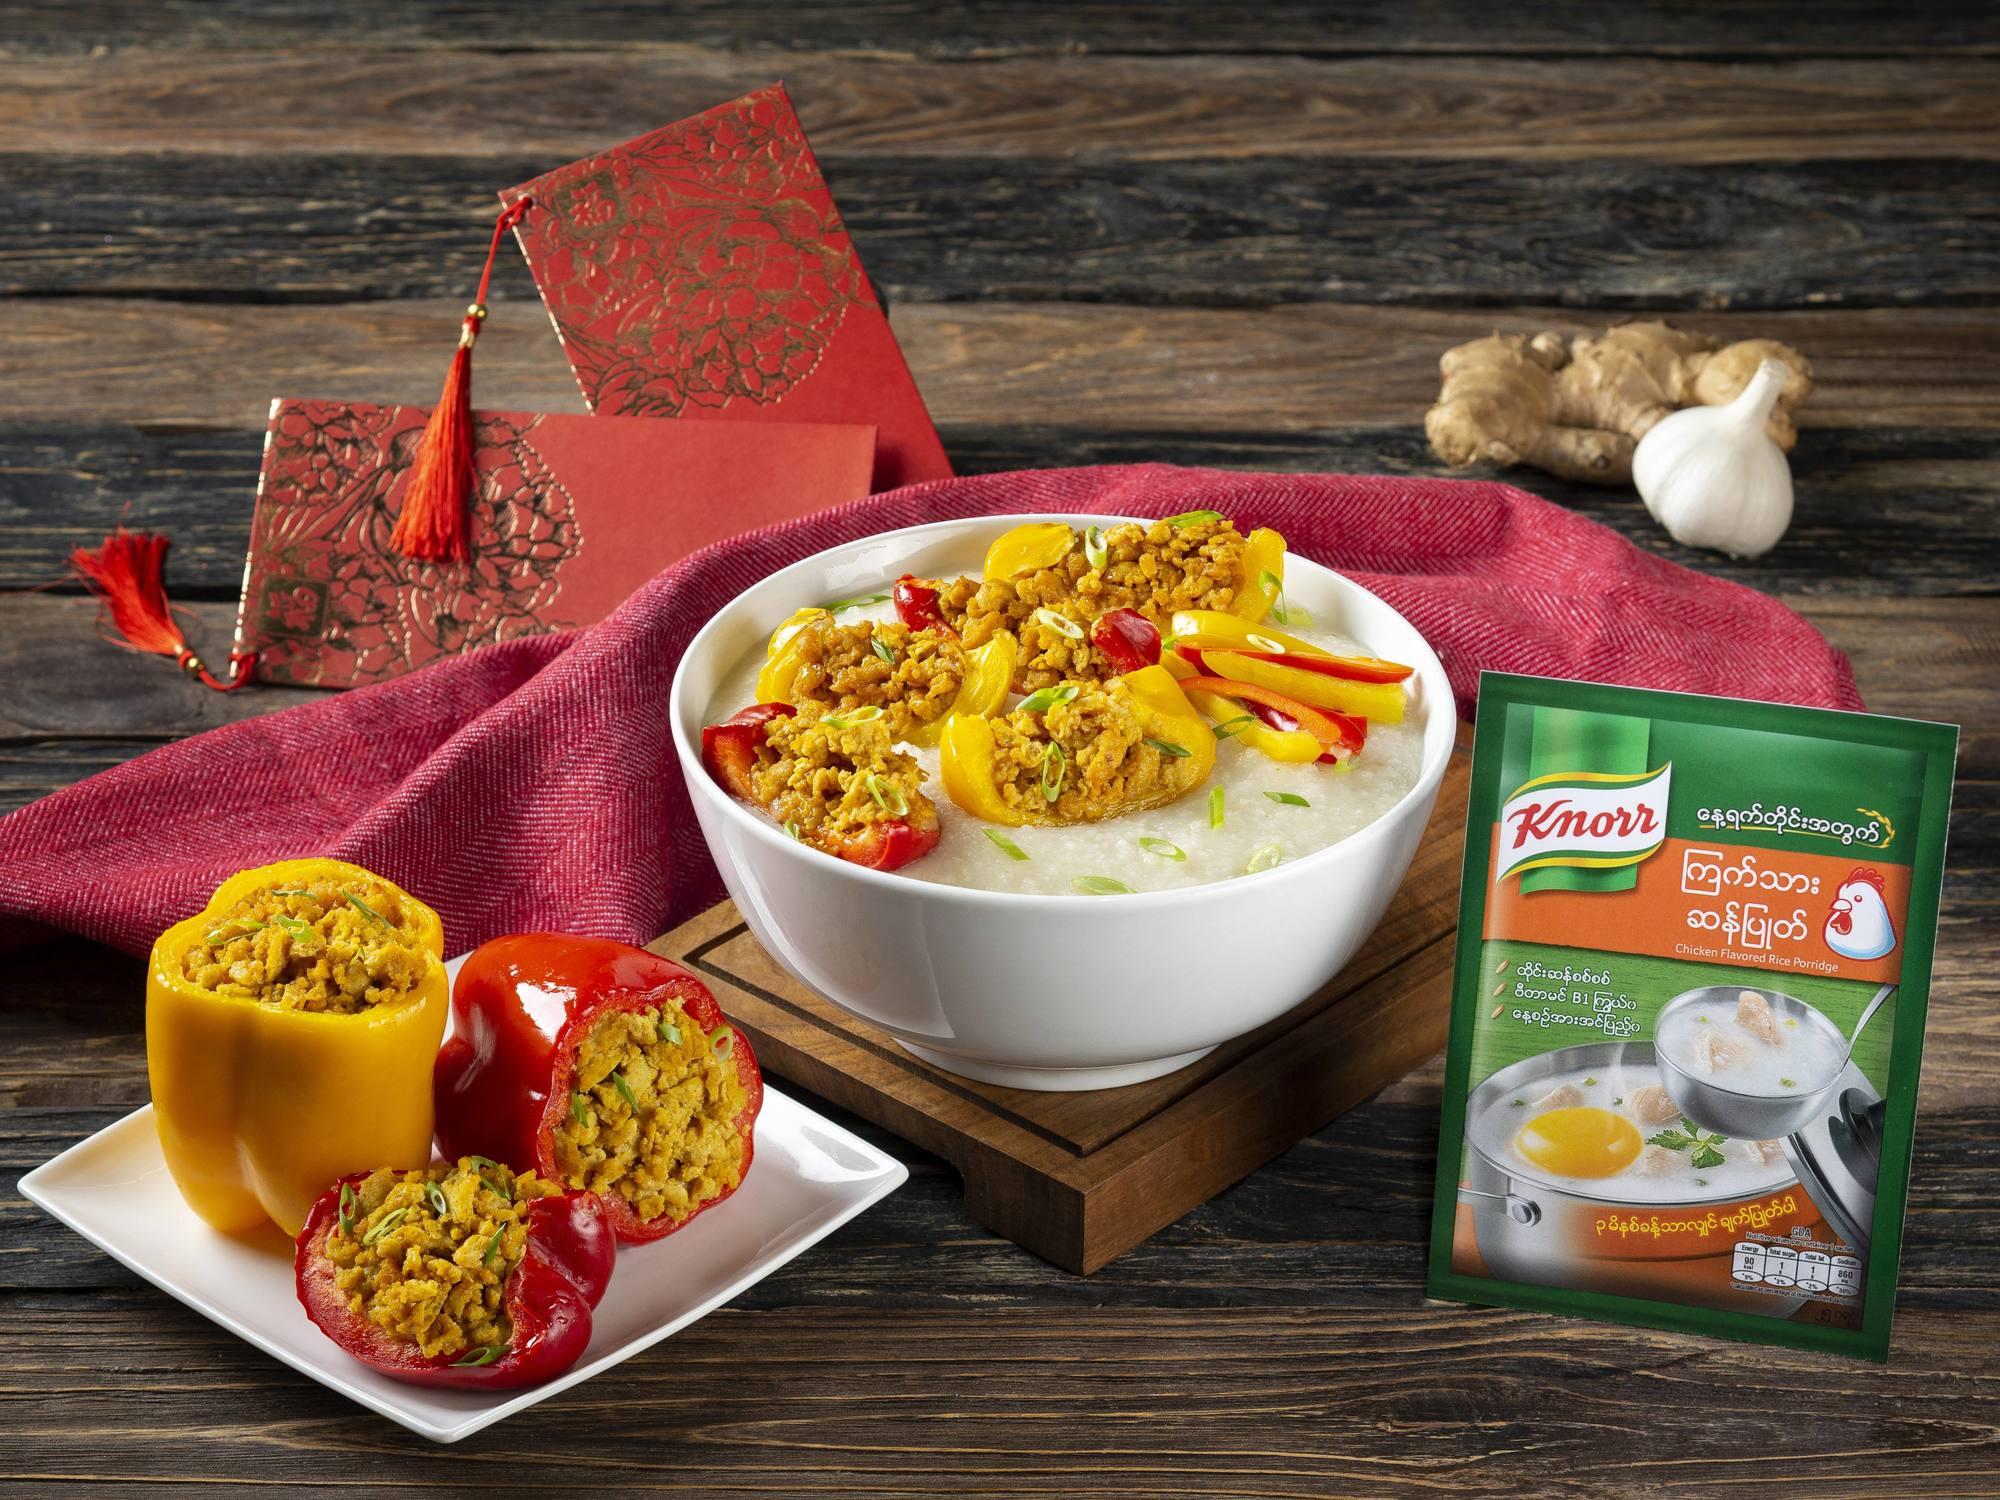 စားချင့်စဖွယ် အာဟာရစုံလင် ငရုတ်ပွသီးကြက်သားအစာသွပ်နဲ့ ခနောဆန်ပြုတ်